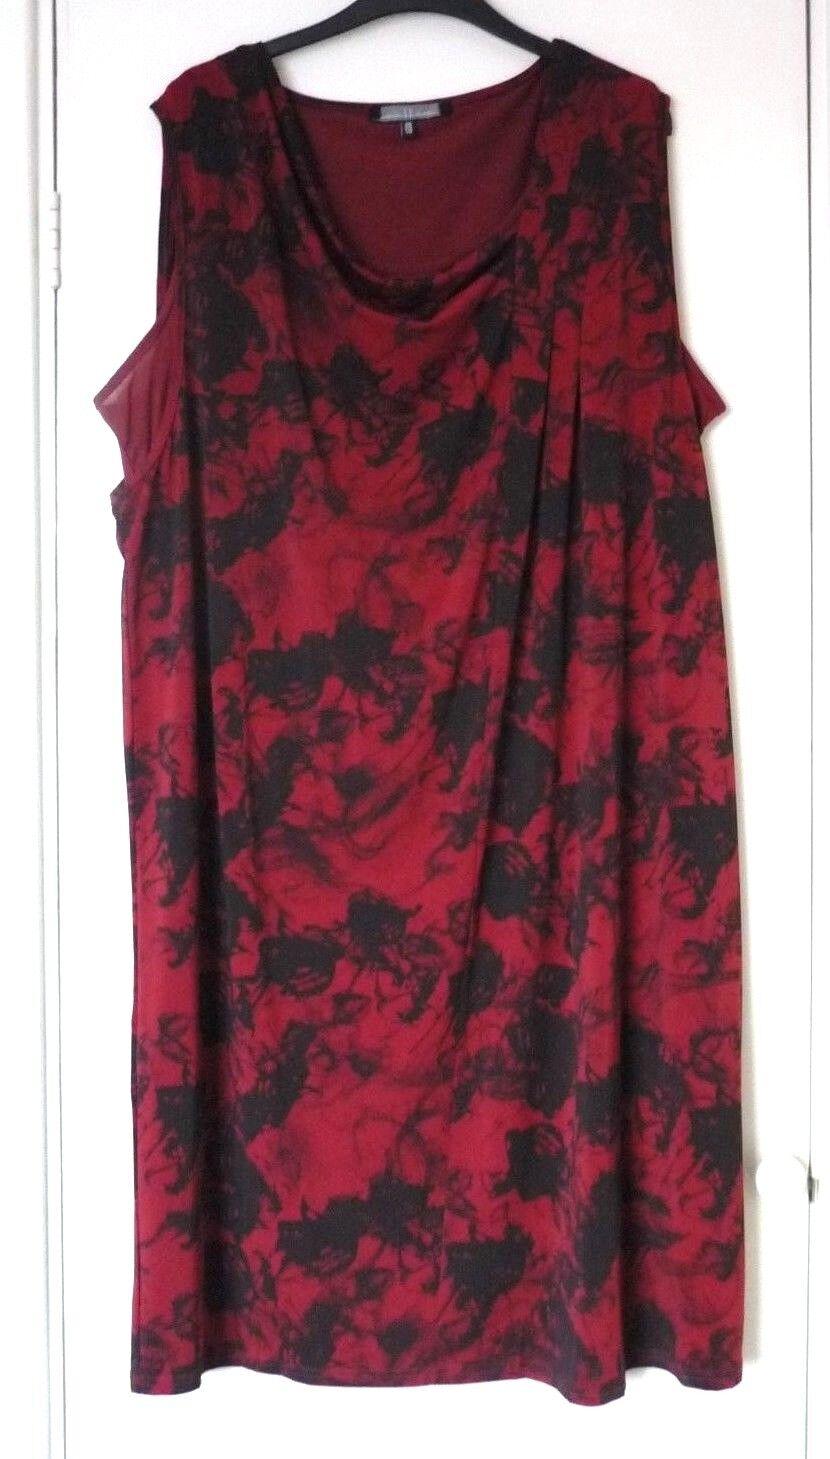 MELLEM ( RRP) Size 22-24 Double Layered Asymmetrical Sleeveless Dress - BNWT